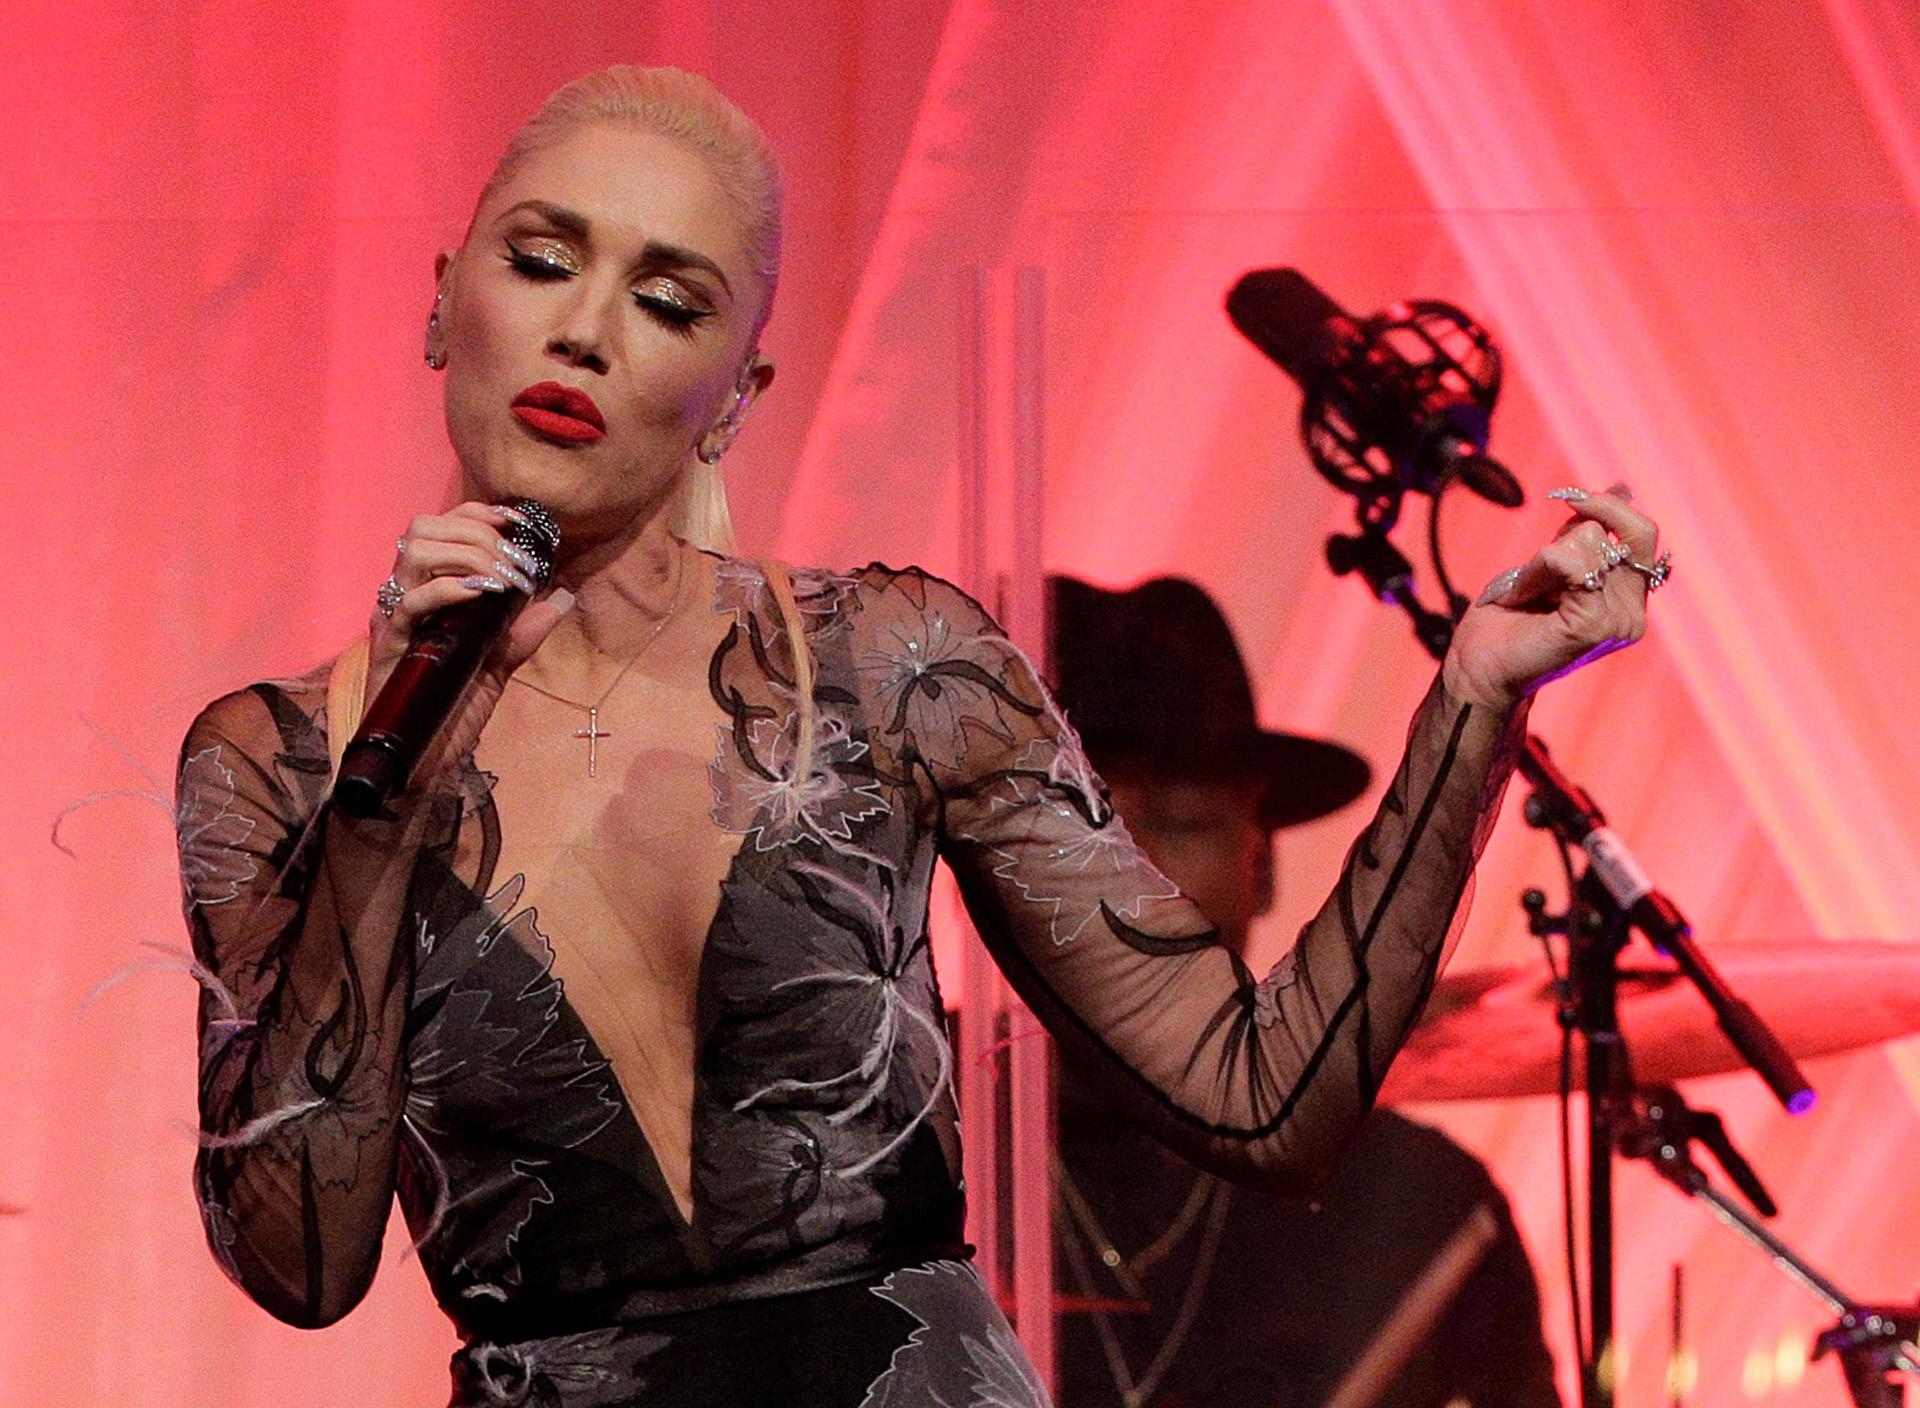 La cantante Gwen Stefani brindó un show durante la cena de Estado